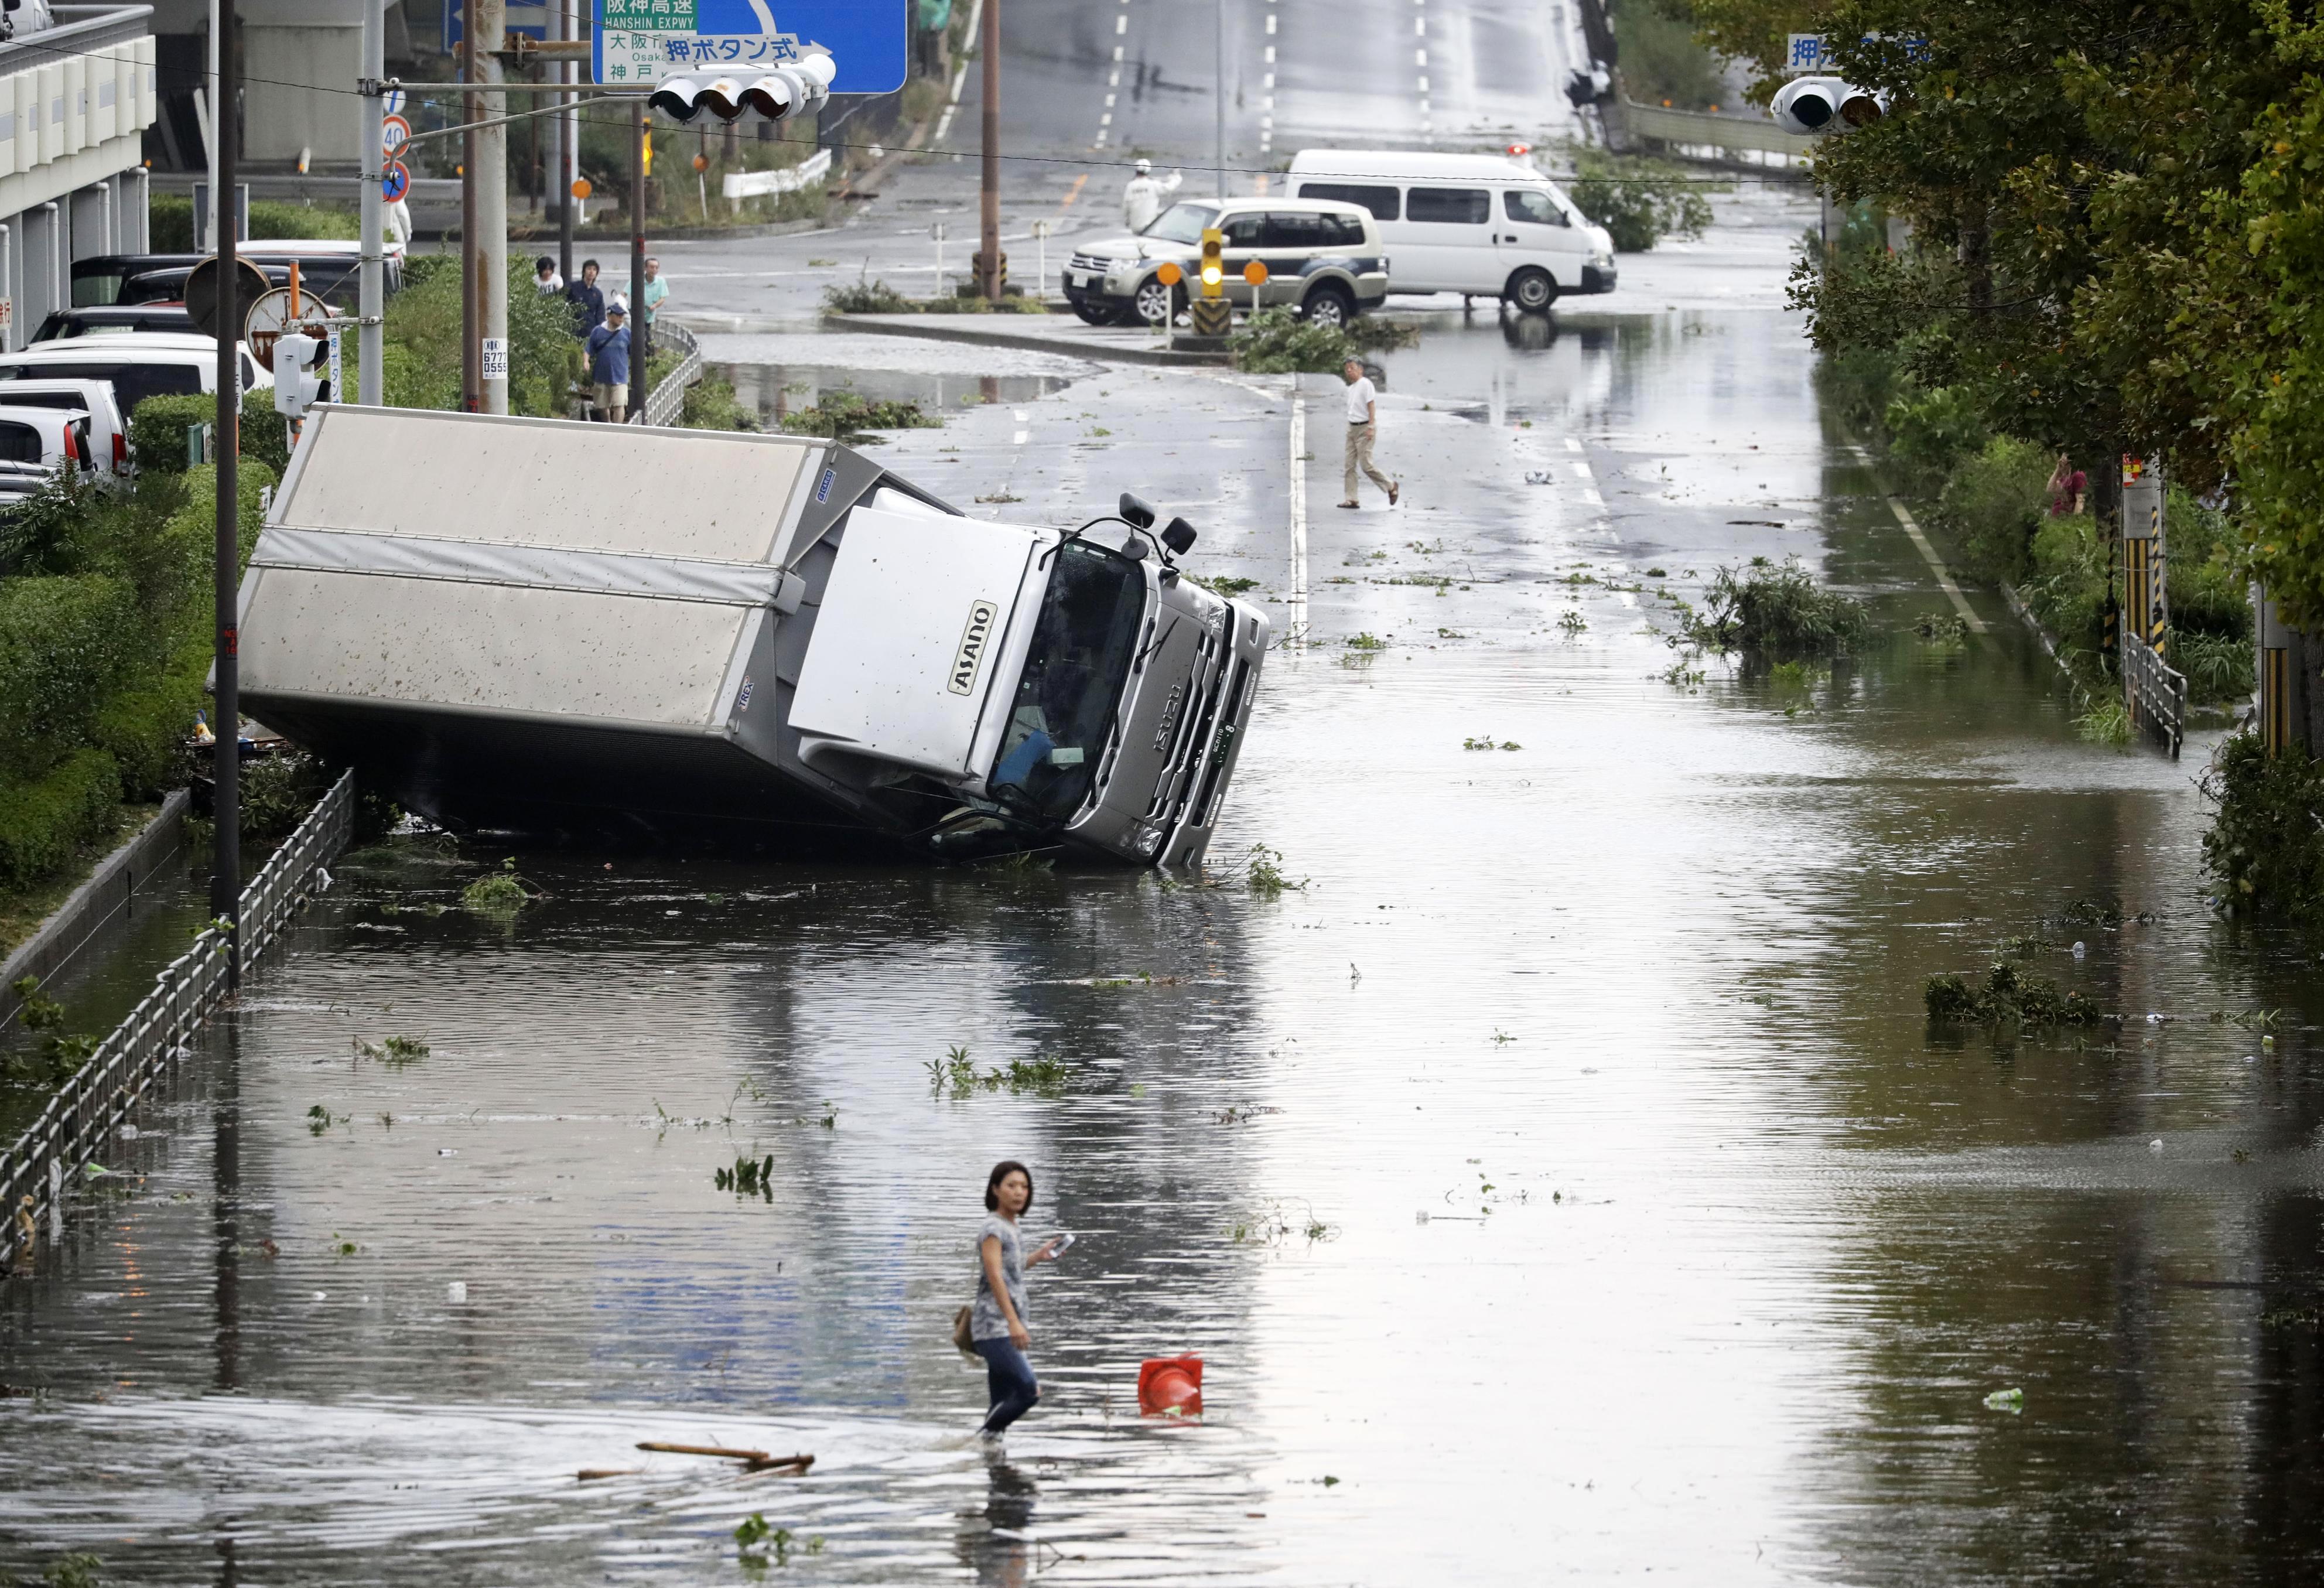 Vehículos destrozados e inundación, una terrible postal de las horas posteriores al tifón